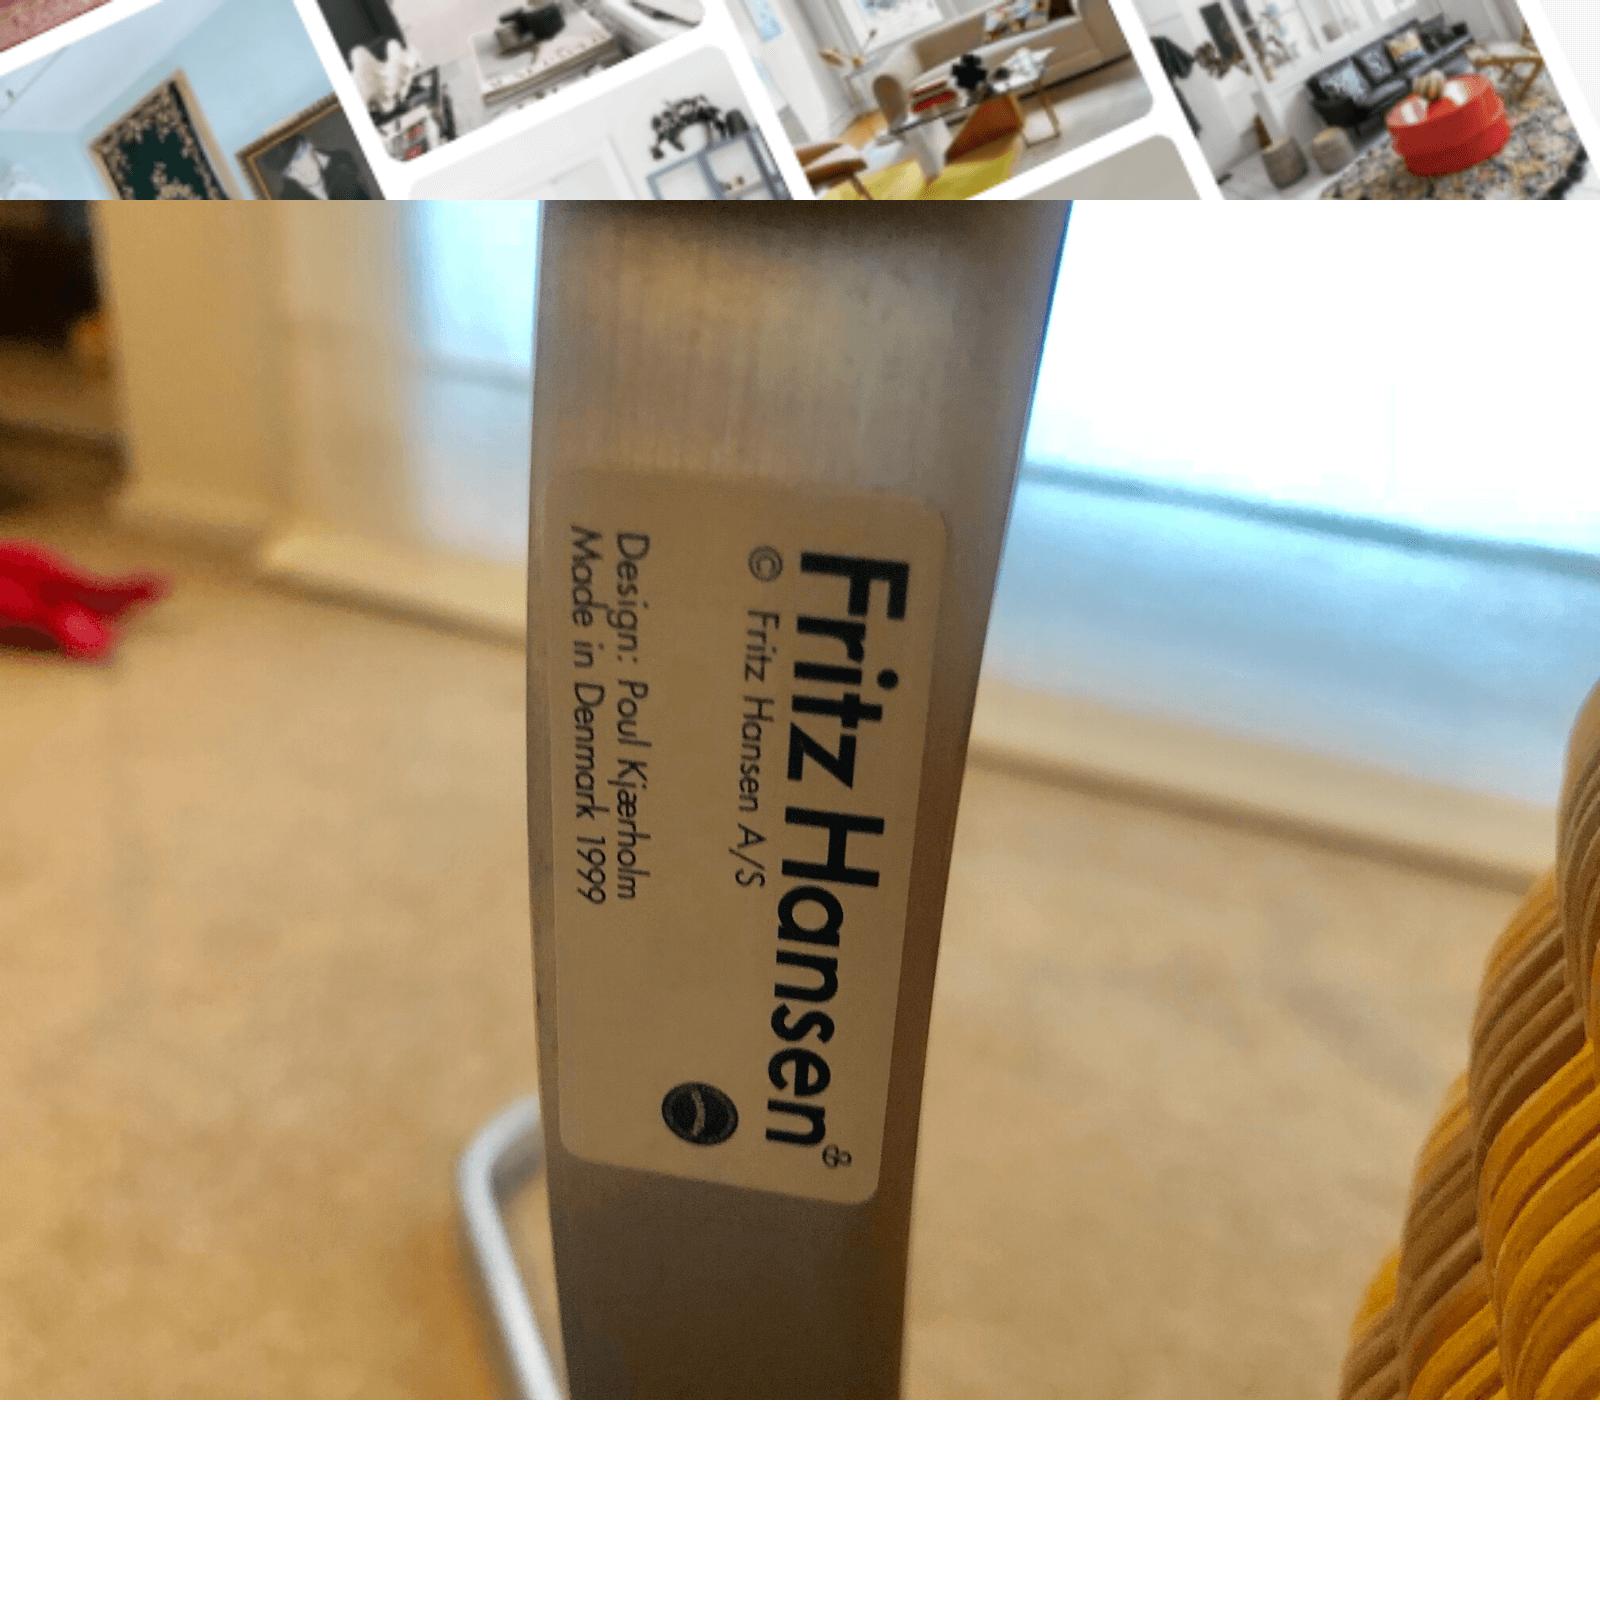 Fritz Hansen PK22 easy chair, 1 sticker